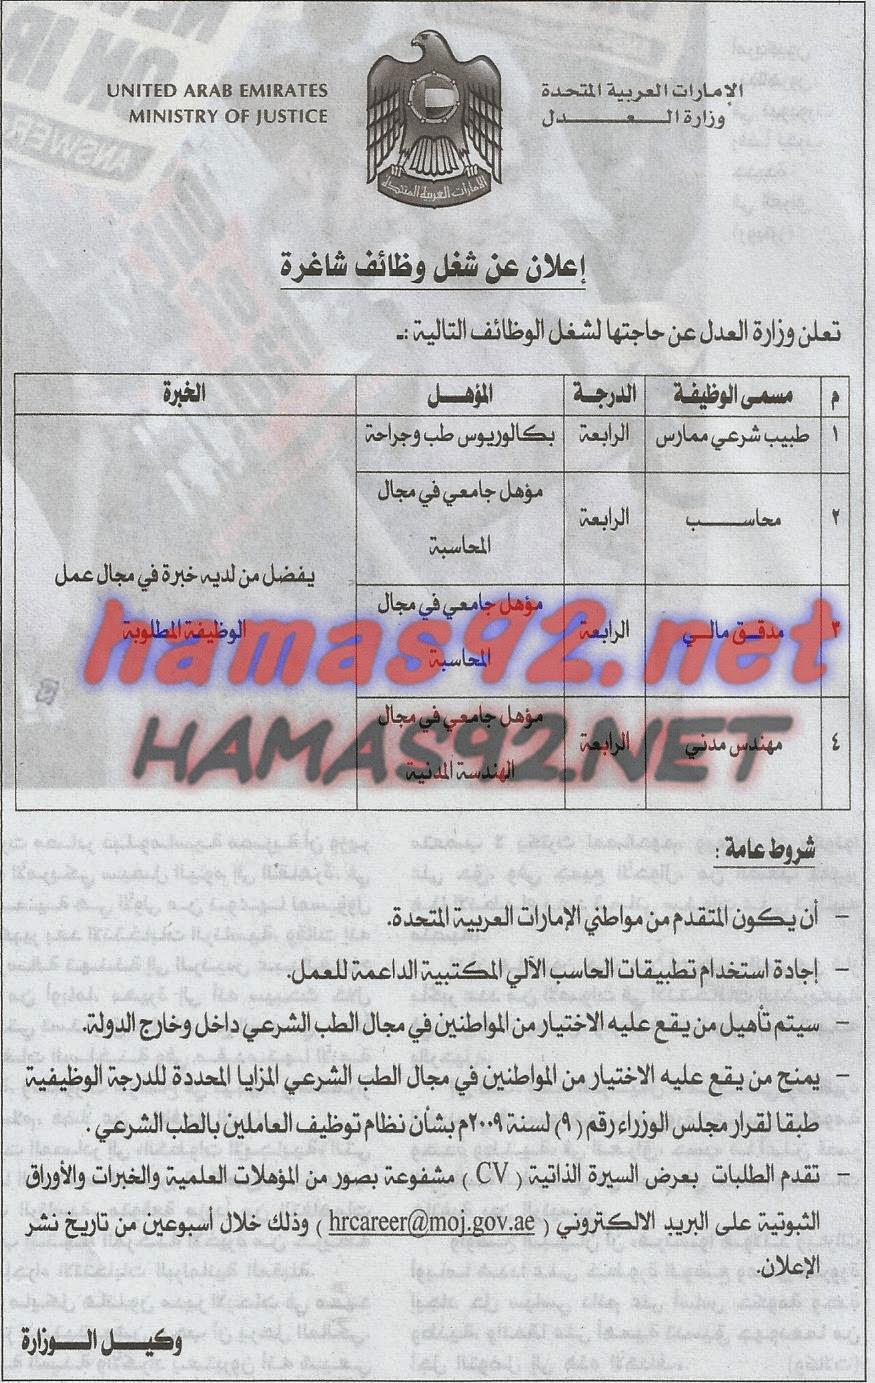 وظائف وزارة العدل الاماراتية | نتائج الامتحانات والتنسيق